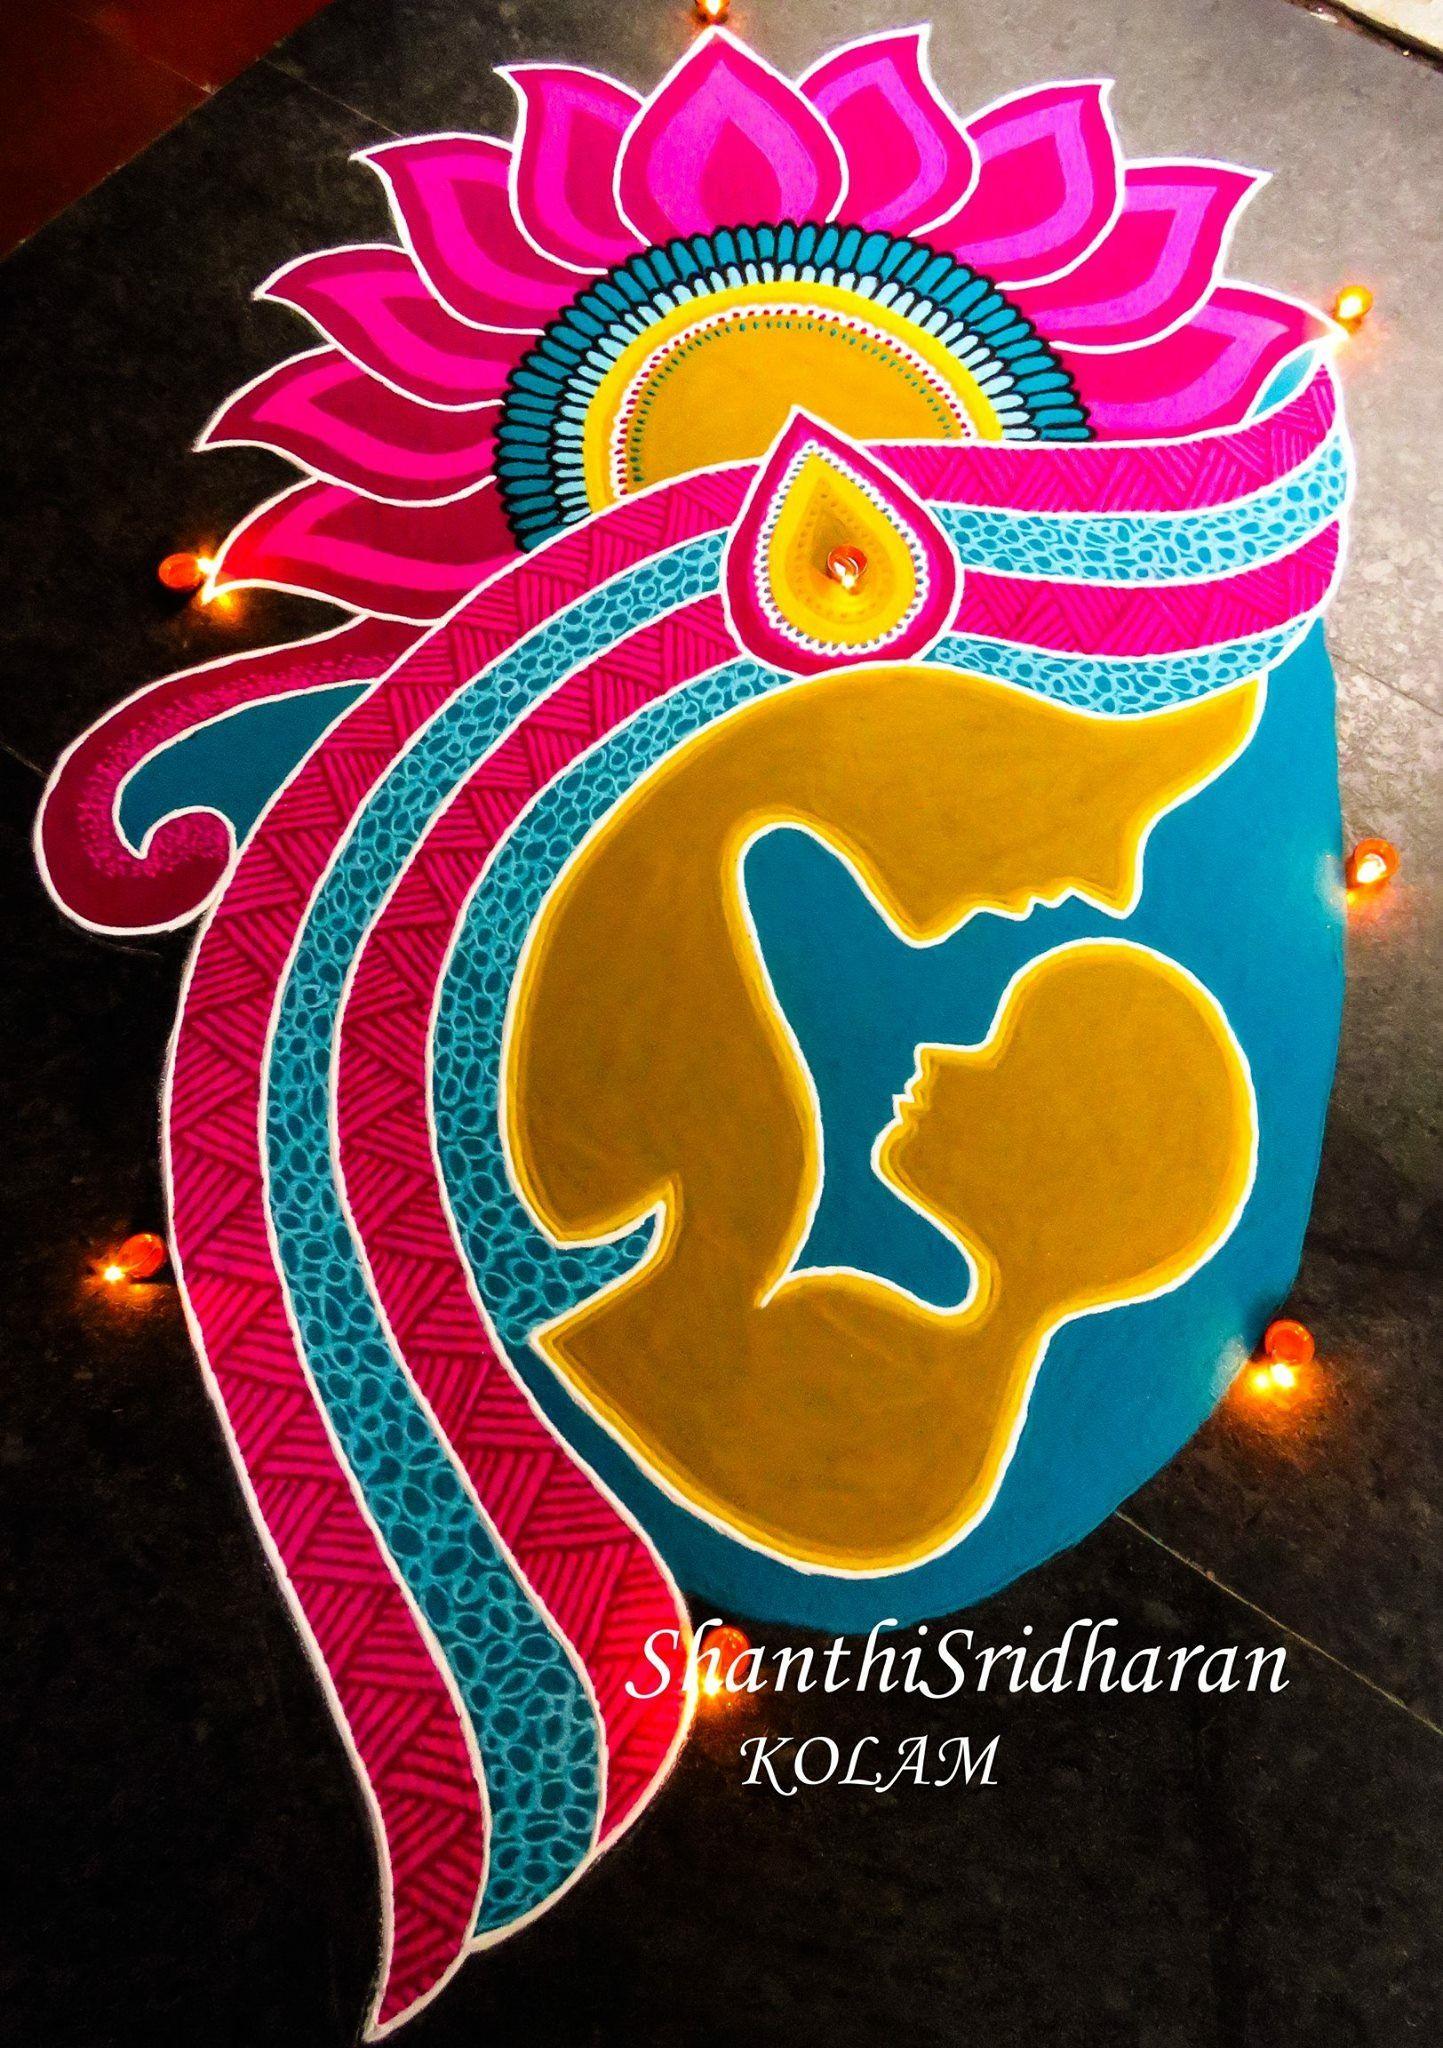 Mothersday Mothersday2017 Mothersdaywishes Mothersdaycards Mothersdayinages Mothe Simple Rangoli Designs Images Rangoli Designs Beautiful Rangoli Designs What is the theme o. simple rangoli designs images